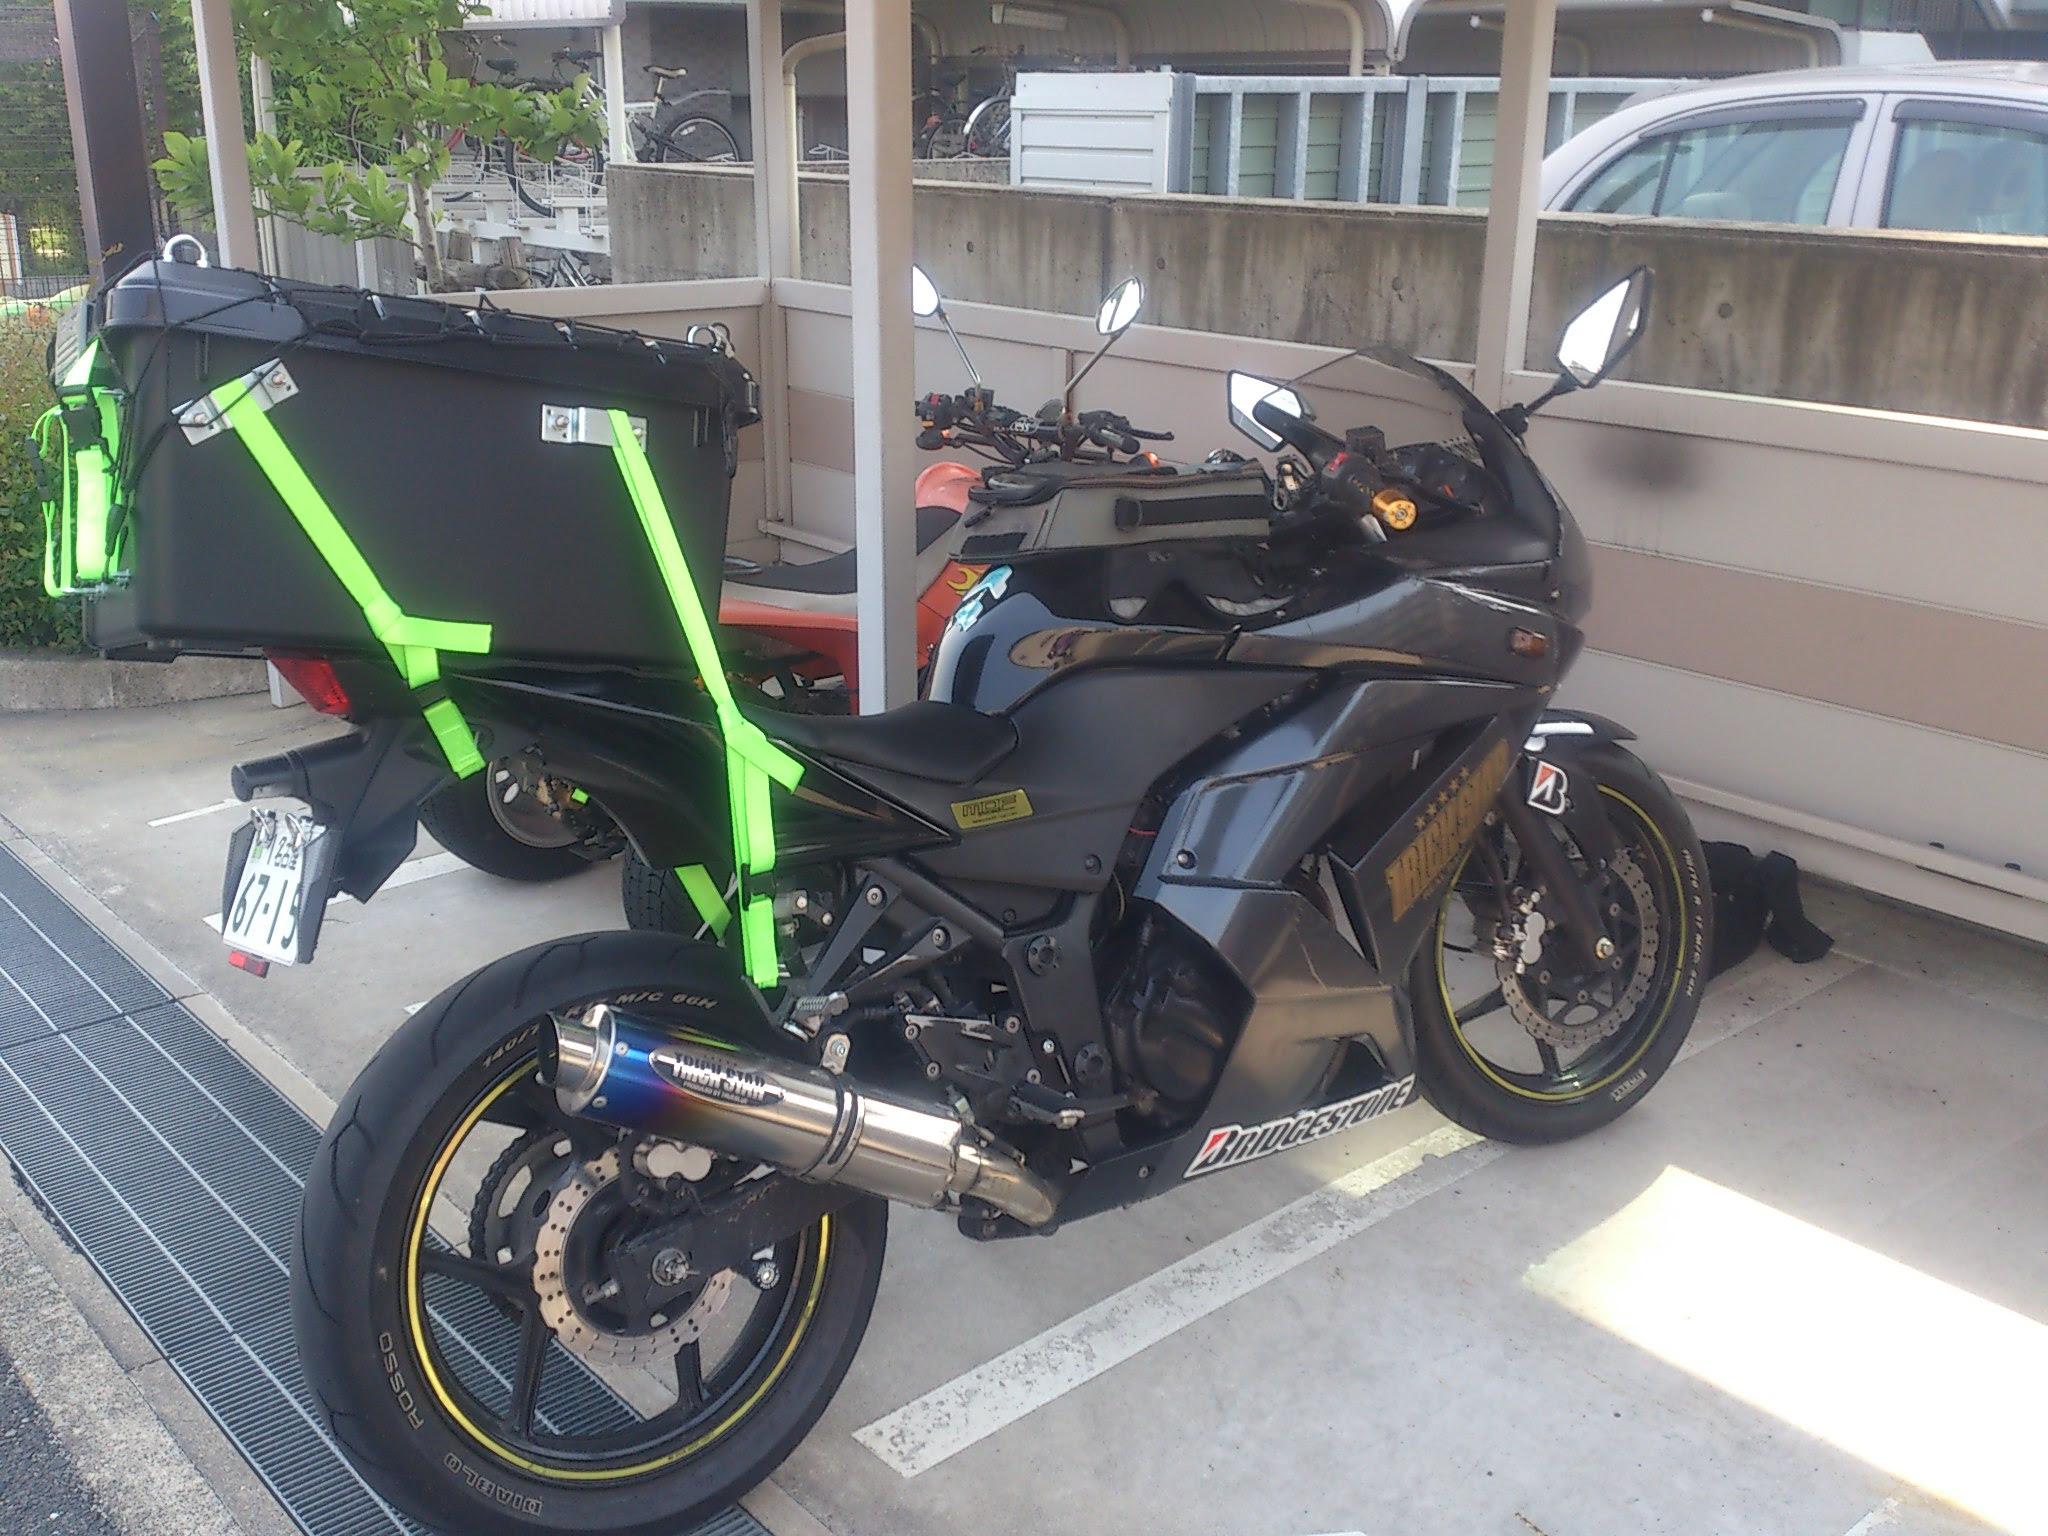 Modifikasi Motor Untuk Angkut Barang Beemotor Kaisar Triseda Rx 250 Cc Long Box Fungsional Ridertuacom